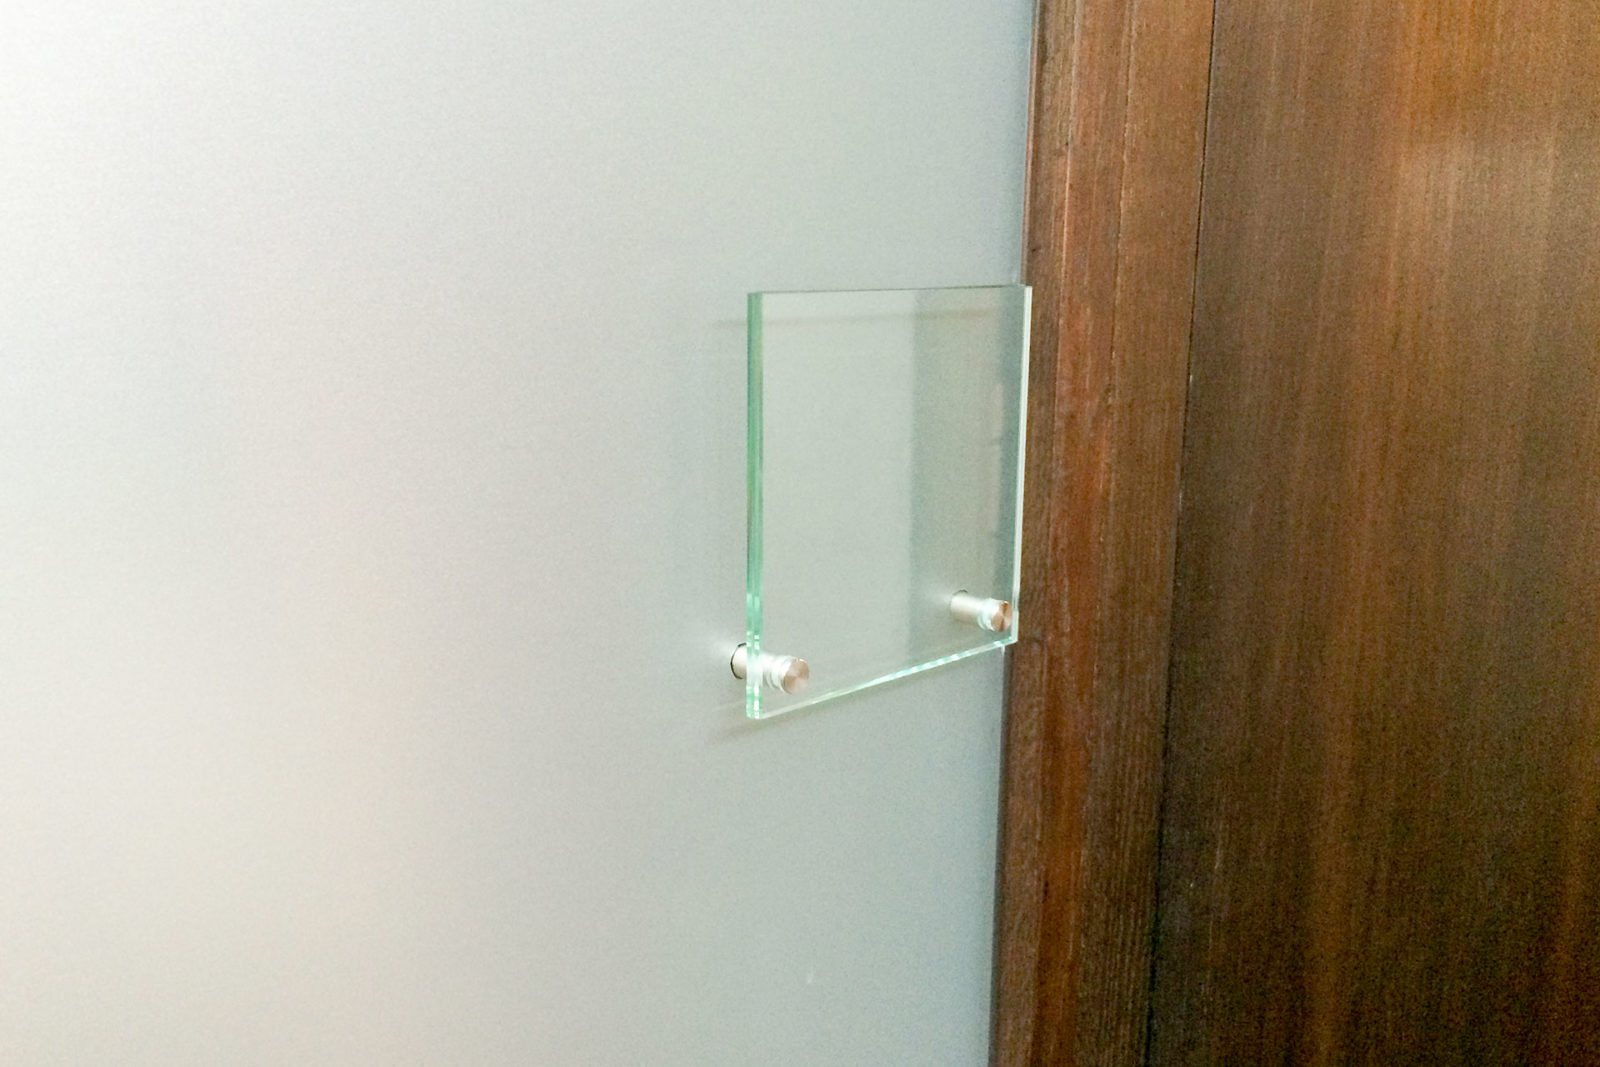 Glasschild an der Wand mit Design-Glasschilder